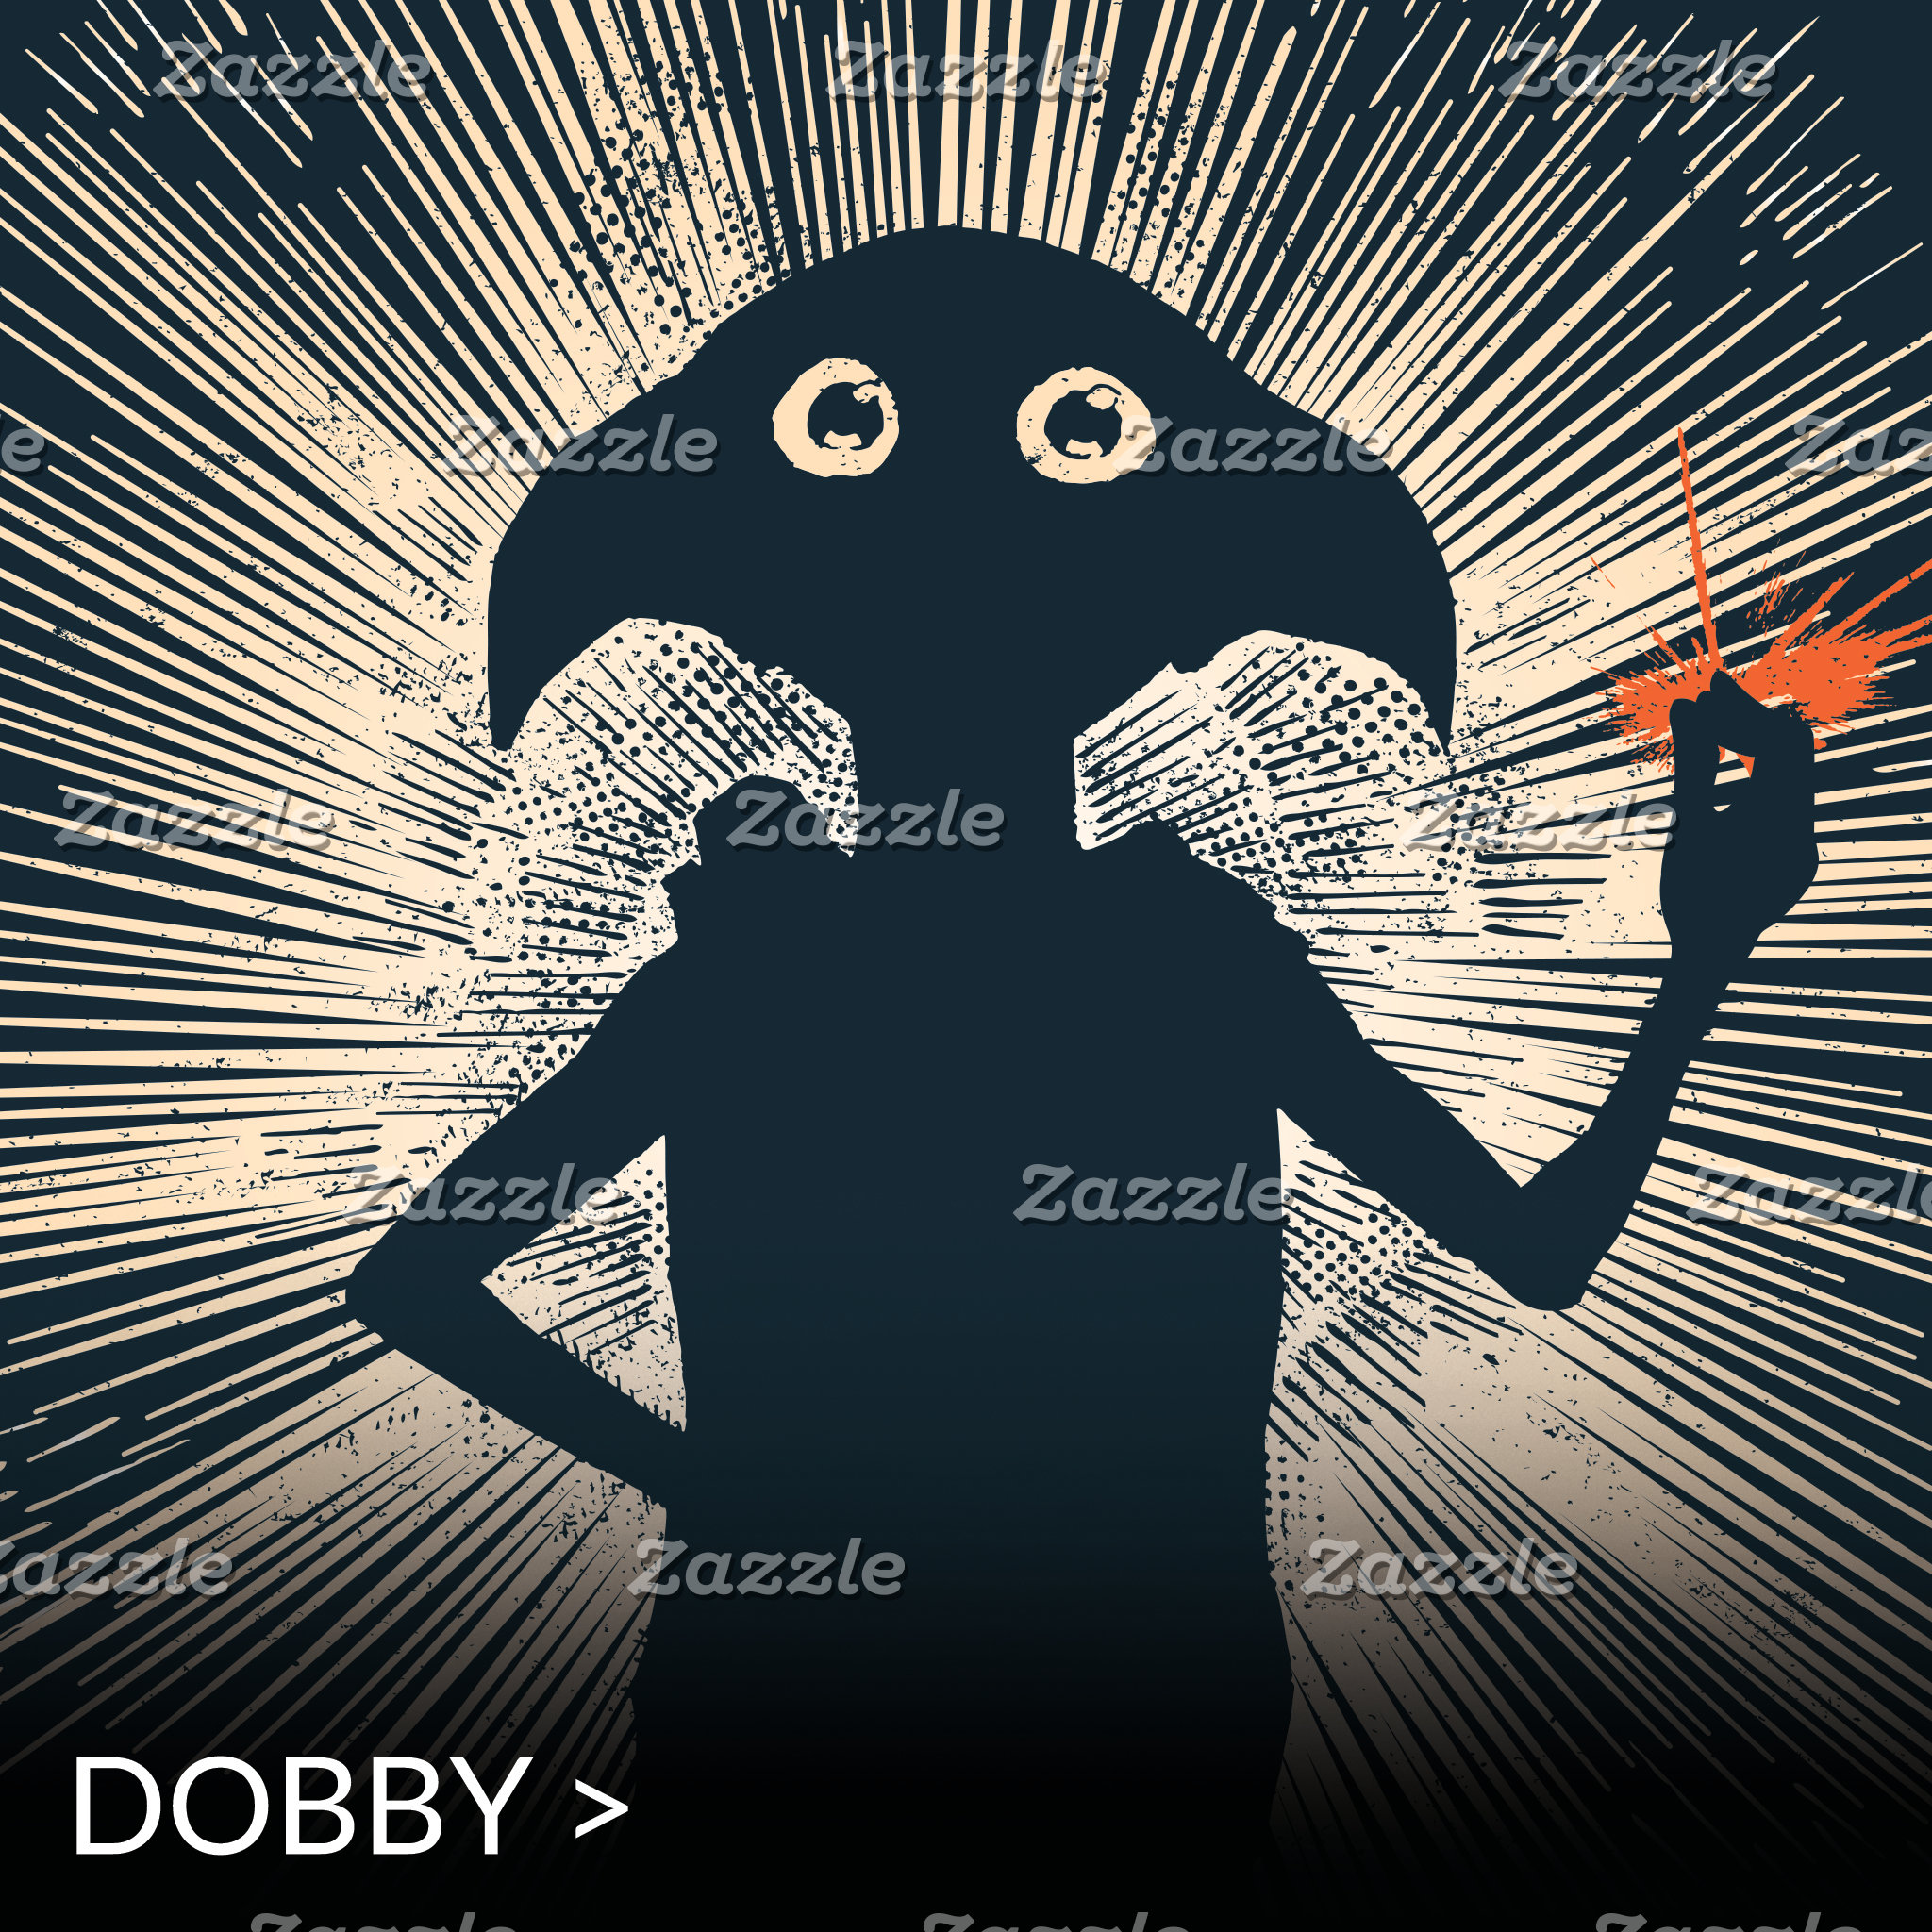 Dobby